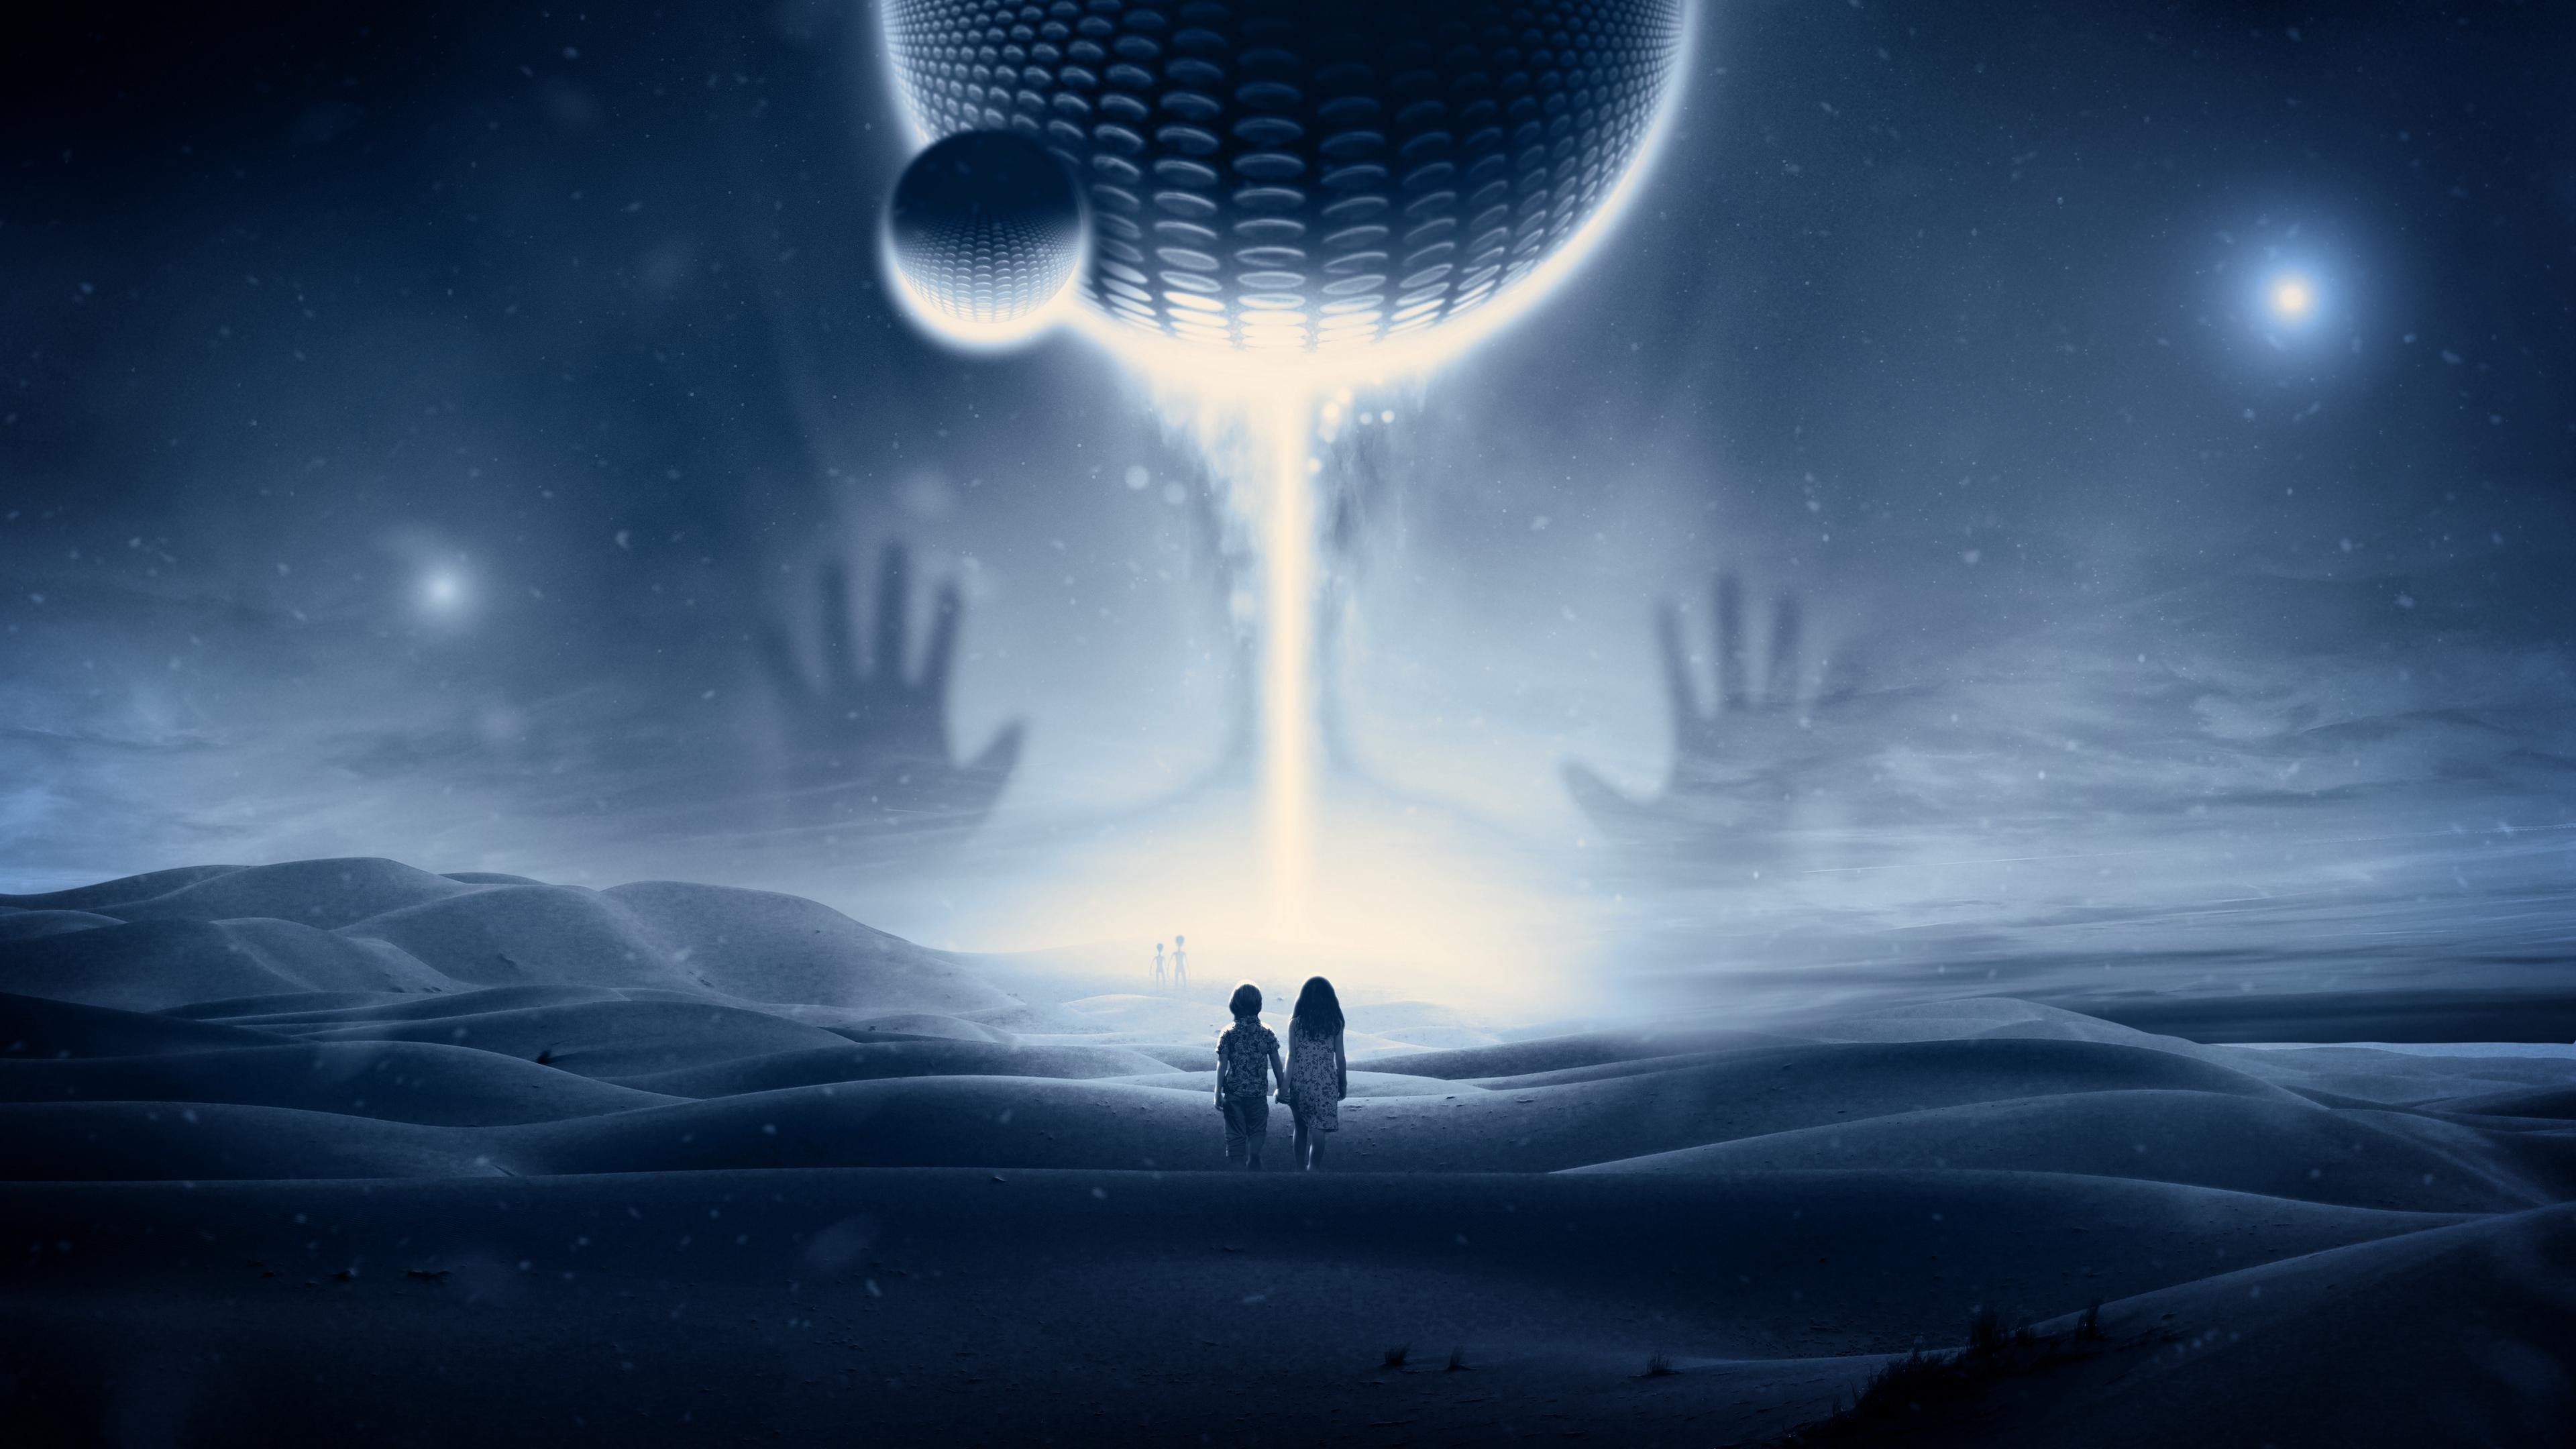 children ufo meeting extraterrestrials spaceship imagination fantasy space 4k 1536098111 - children, ufo, meeting, extraterrestrials, spaceship, imagination, fantasy, space 4k - UFO, meeting, Children